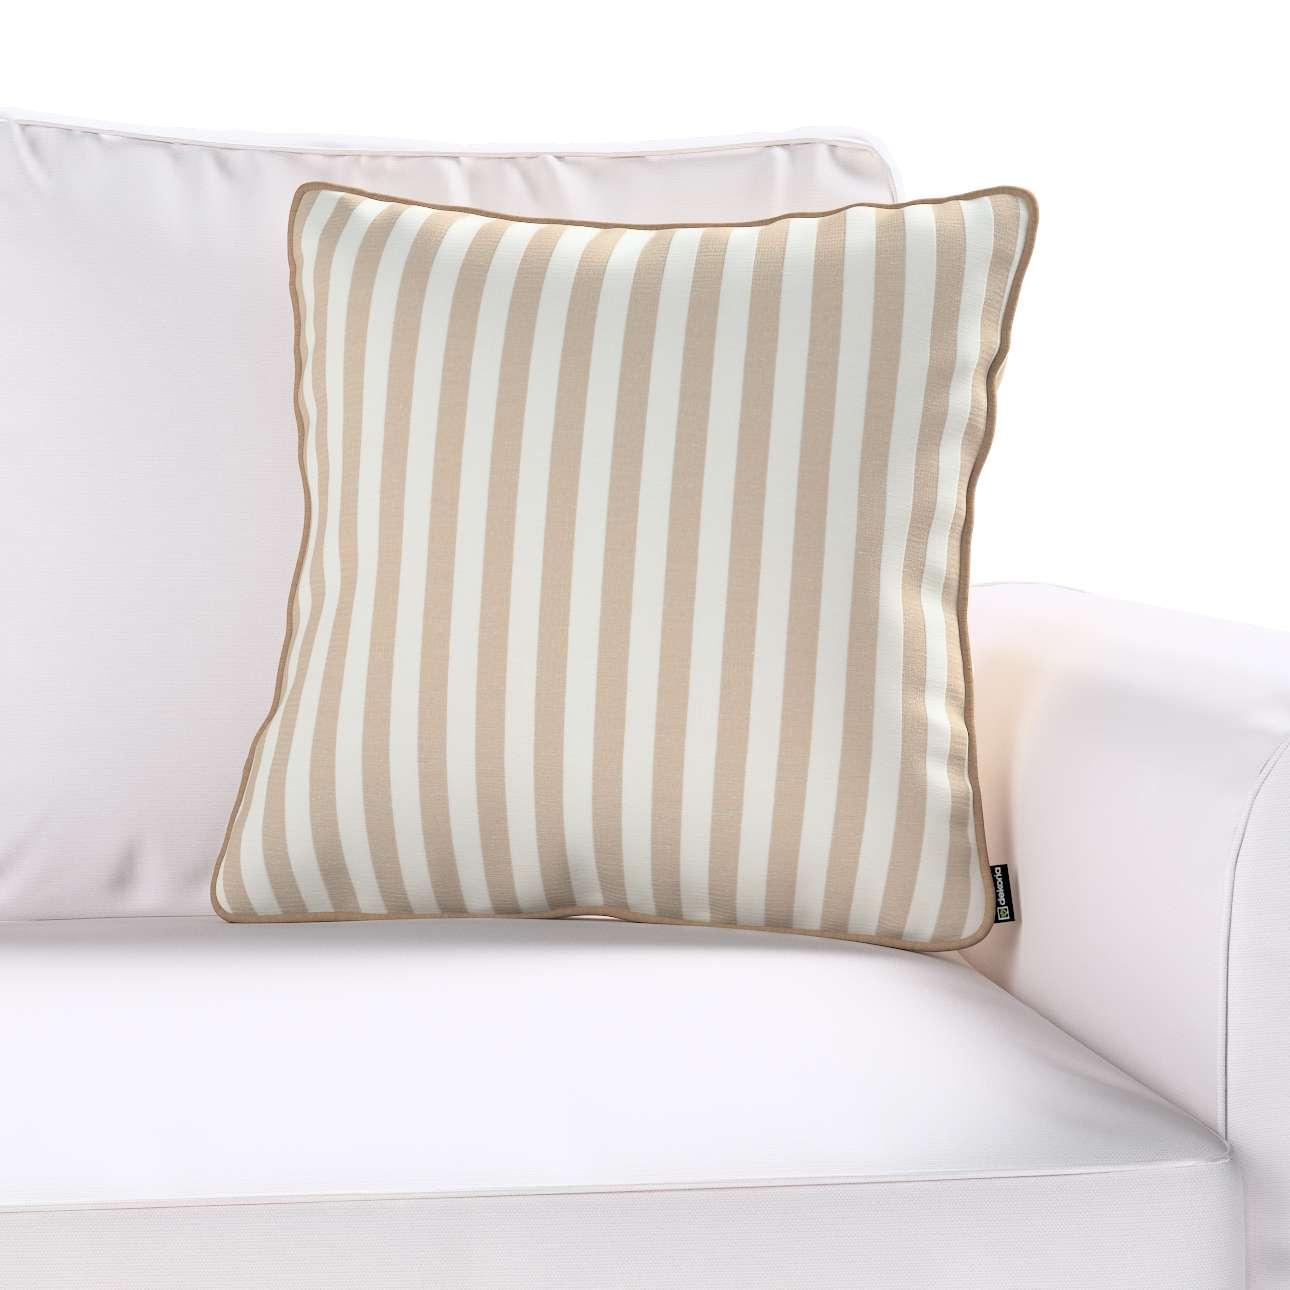 Poszewka Gabi na poduszkę w kolekcji Quadro, tkanina: 136-07